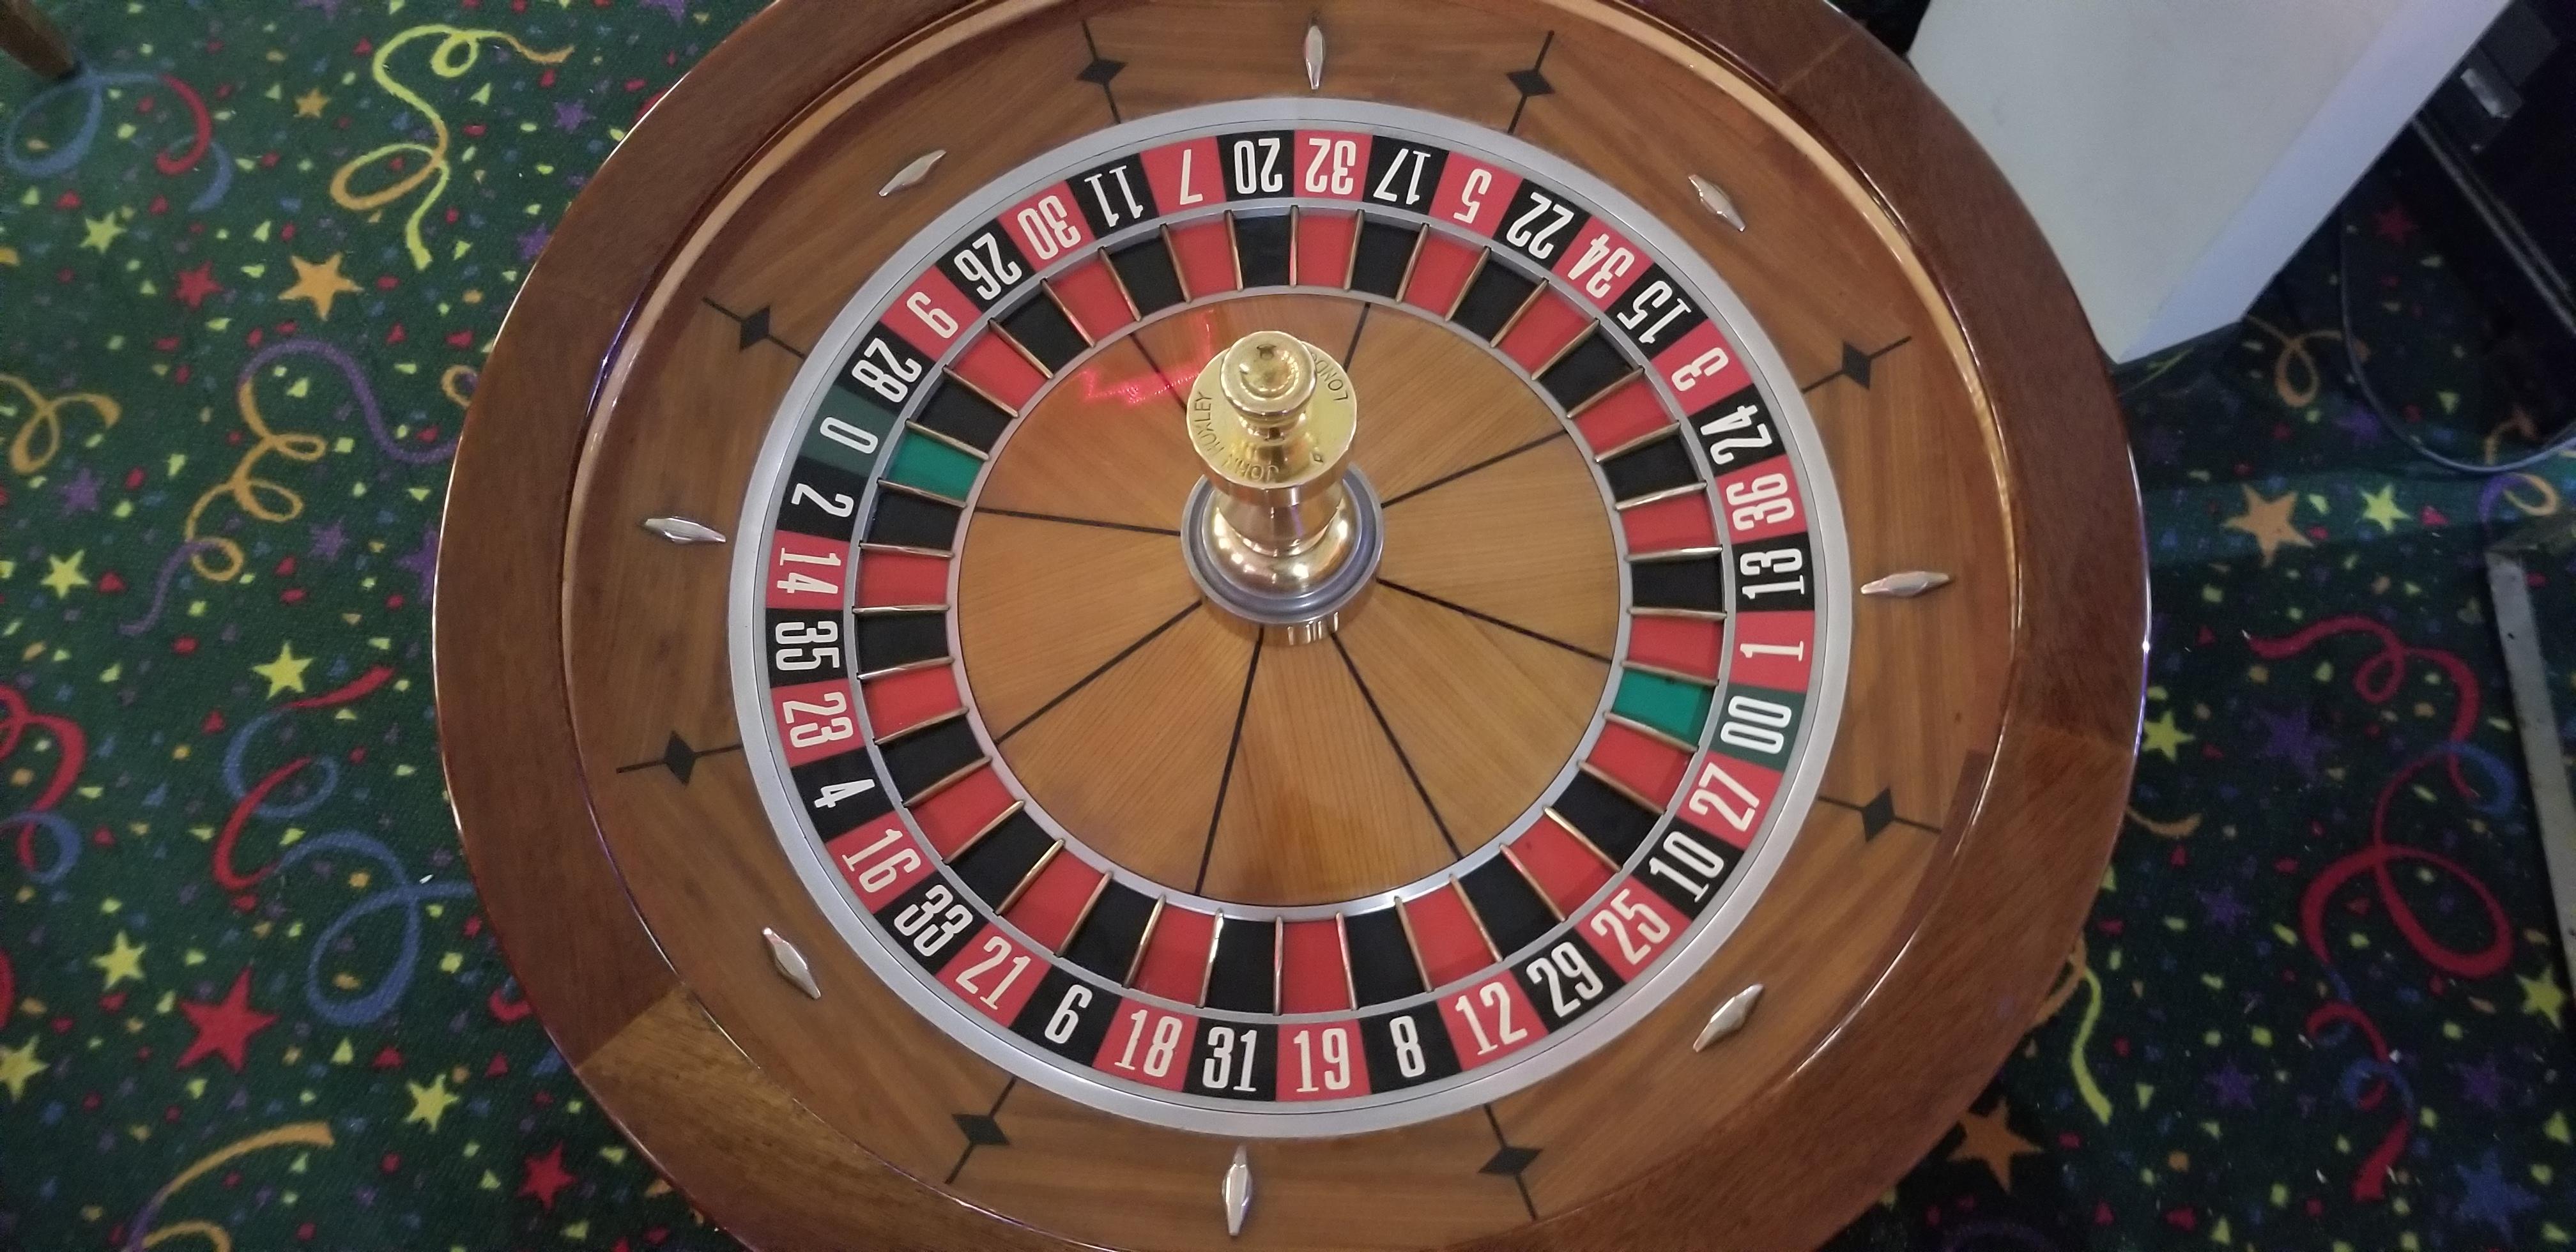 Alundra casino roulette washington casino age